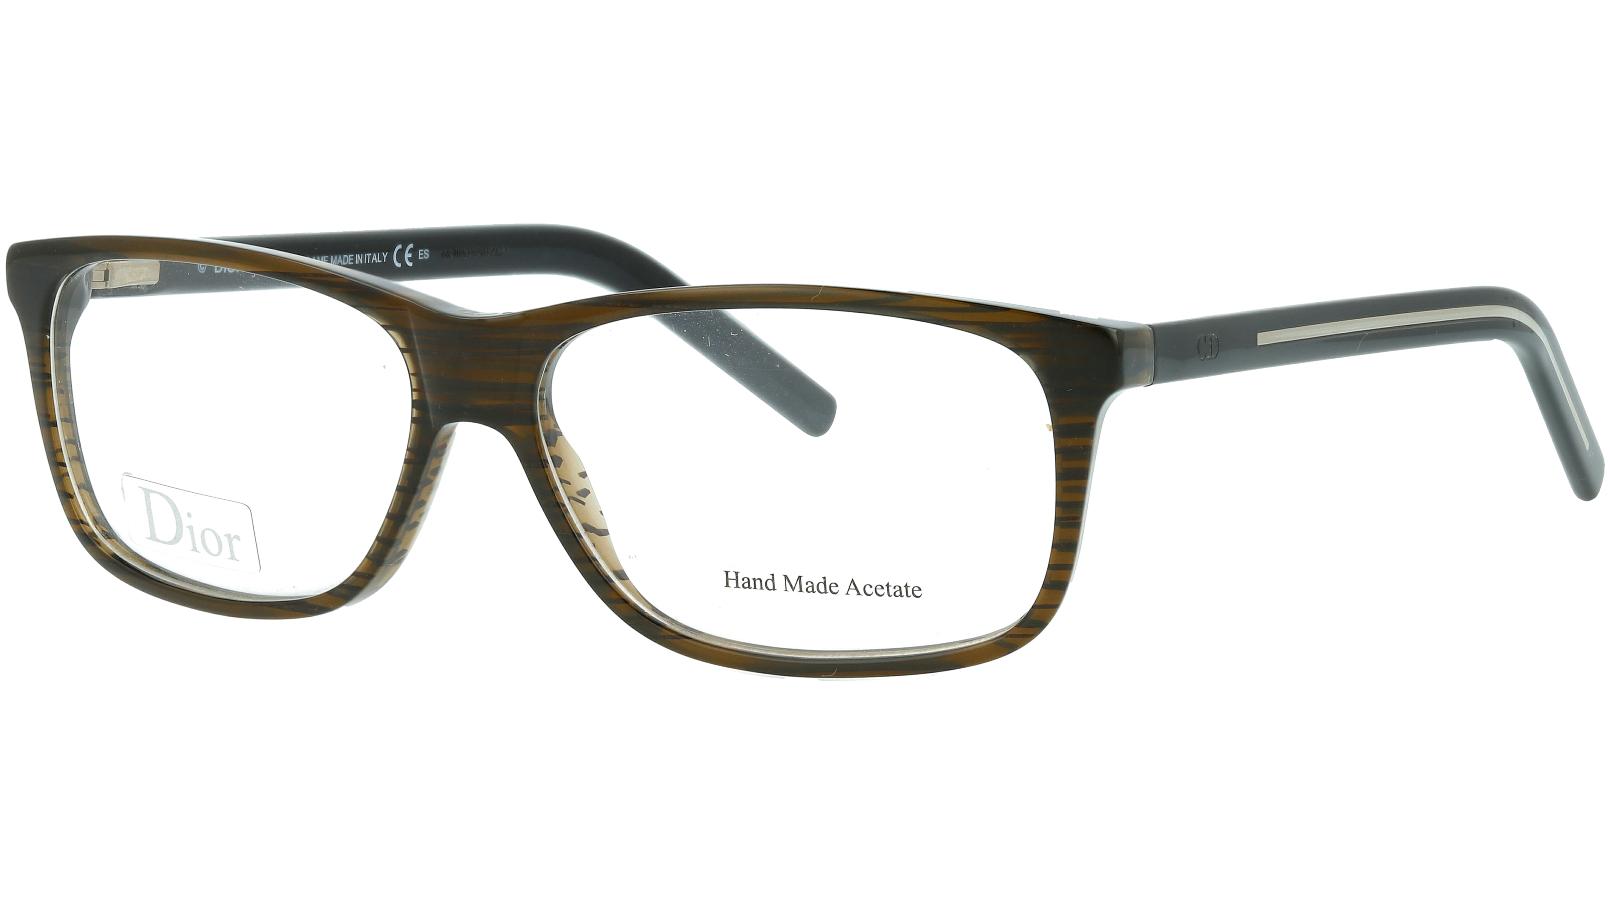 DIOR HOMME BLACKTIE123 AM7 53 GREY Glasses